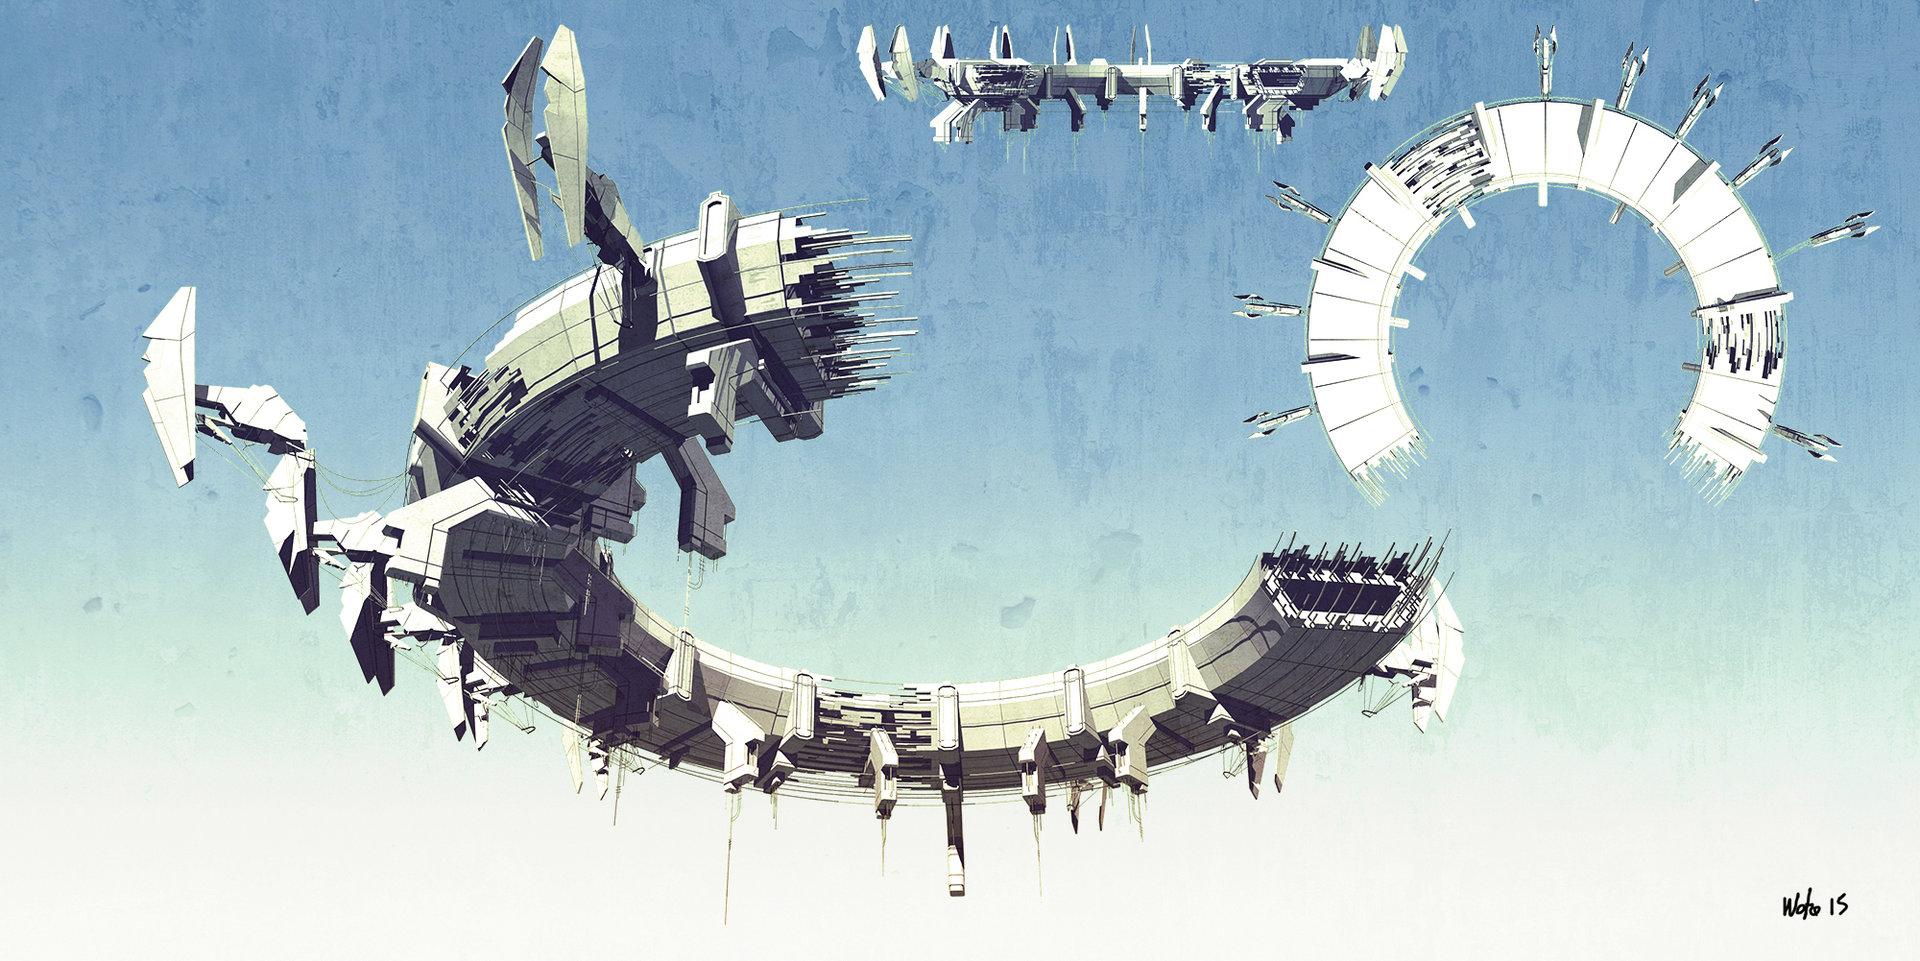 Concept art парящей платформы из будущего, концепт арт от rob watkins